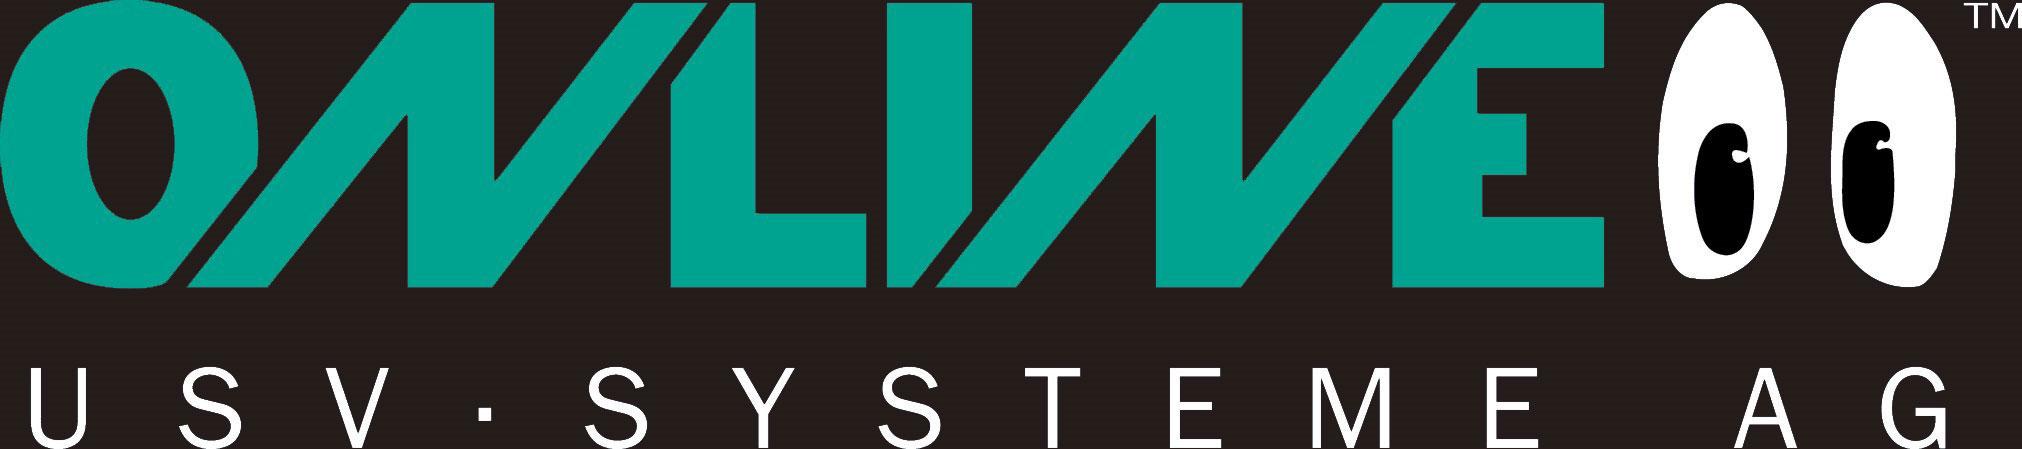 ITLOGWARE ist Partner von ONLINE USV-Systeme.